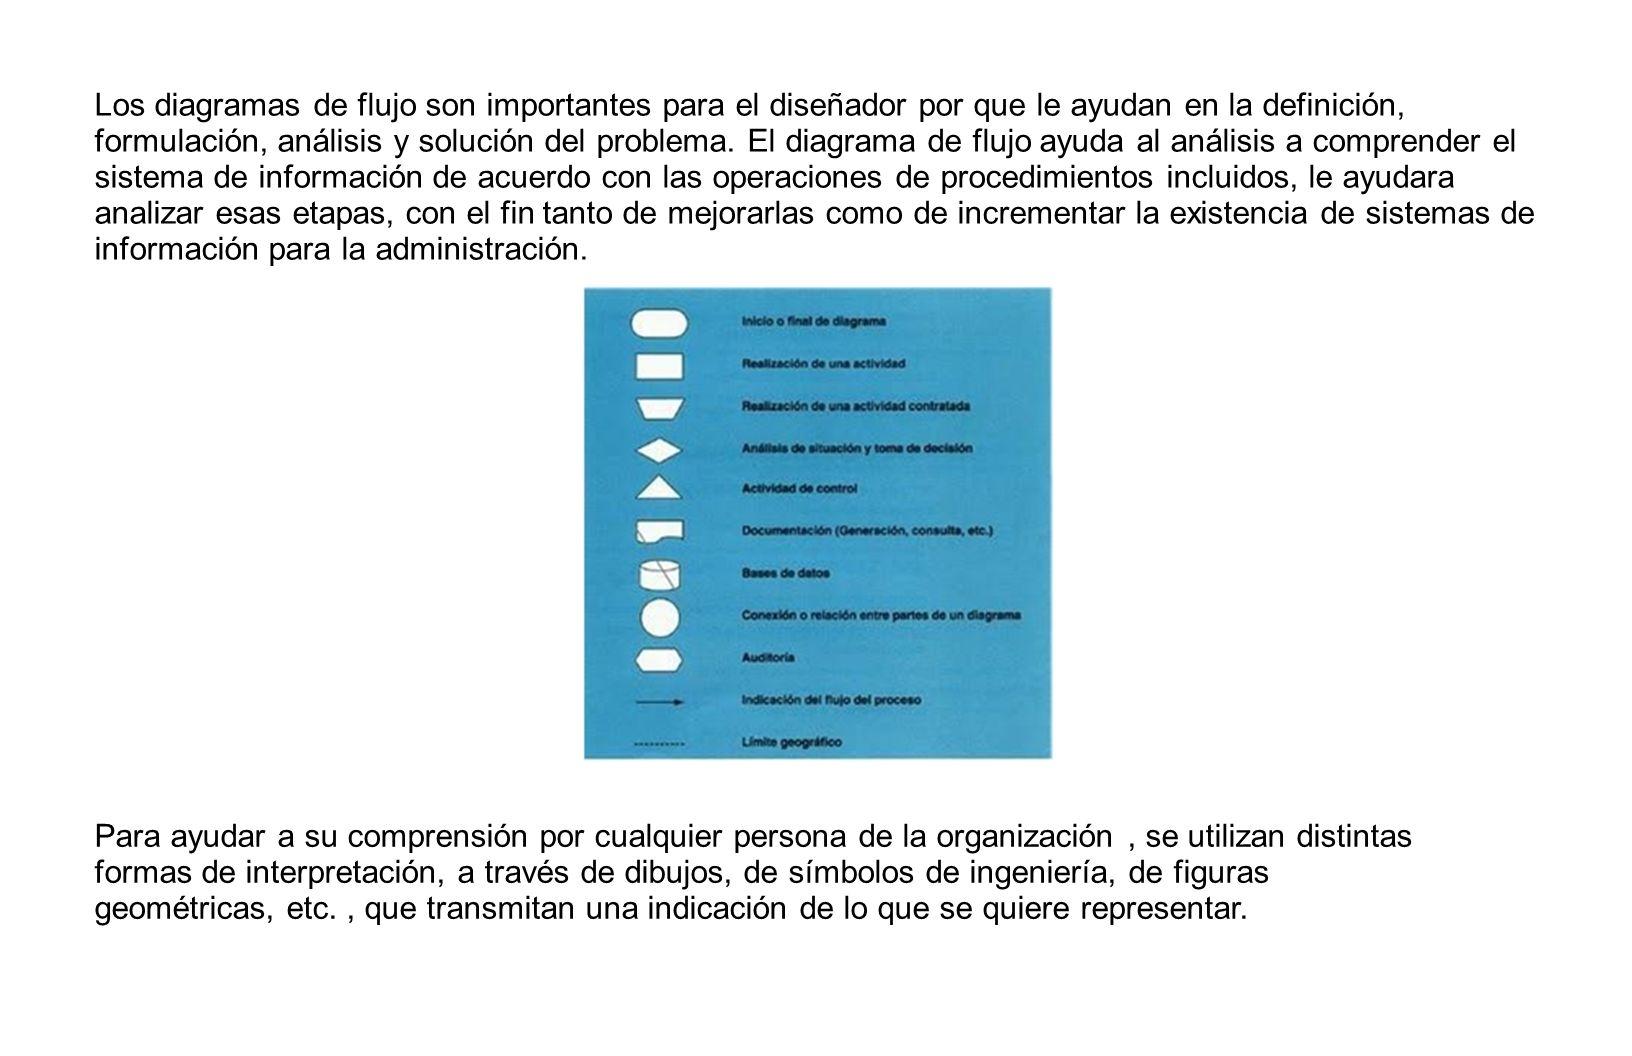 Los diagramas de flujo son importantes para el diseñador por que le ayudan en la definición, formulación, análisis y solución del problema. El diagrama de flujo ayuda al análisis a comprender el sistema de información de acuerdo con las operaciones de procedimientos incluidos, le ayudara analizar esas etapas, con el fin tanto de mejorarlas como de incrementar la existencia de sistemas de información para la administración.